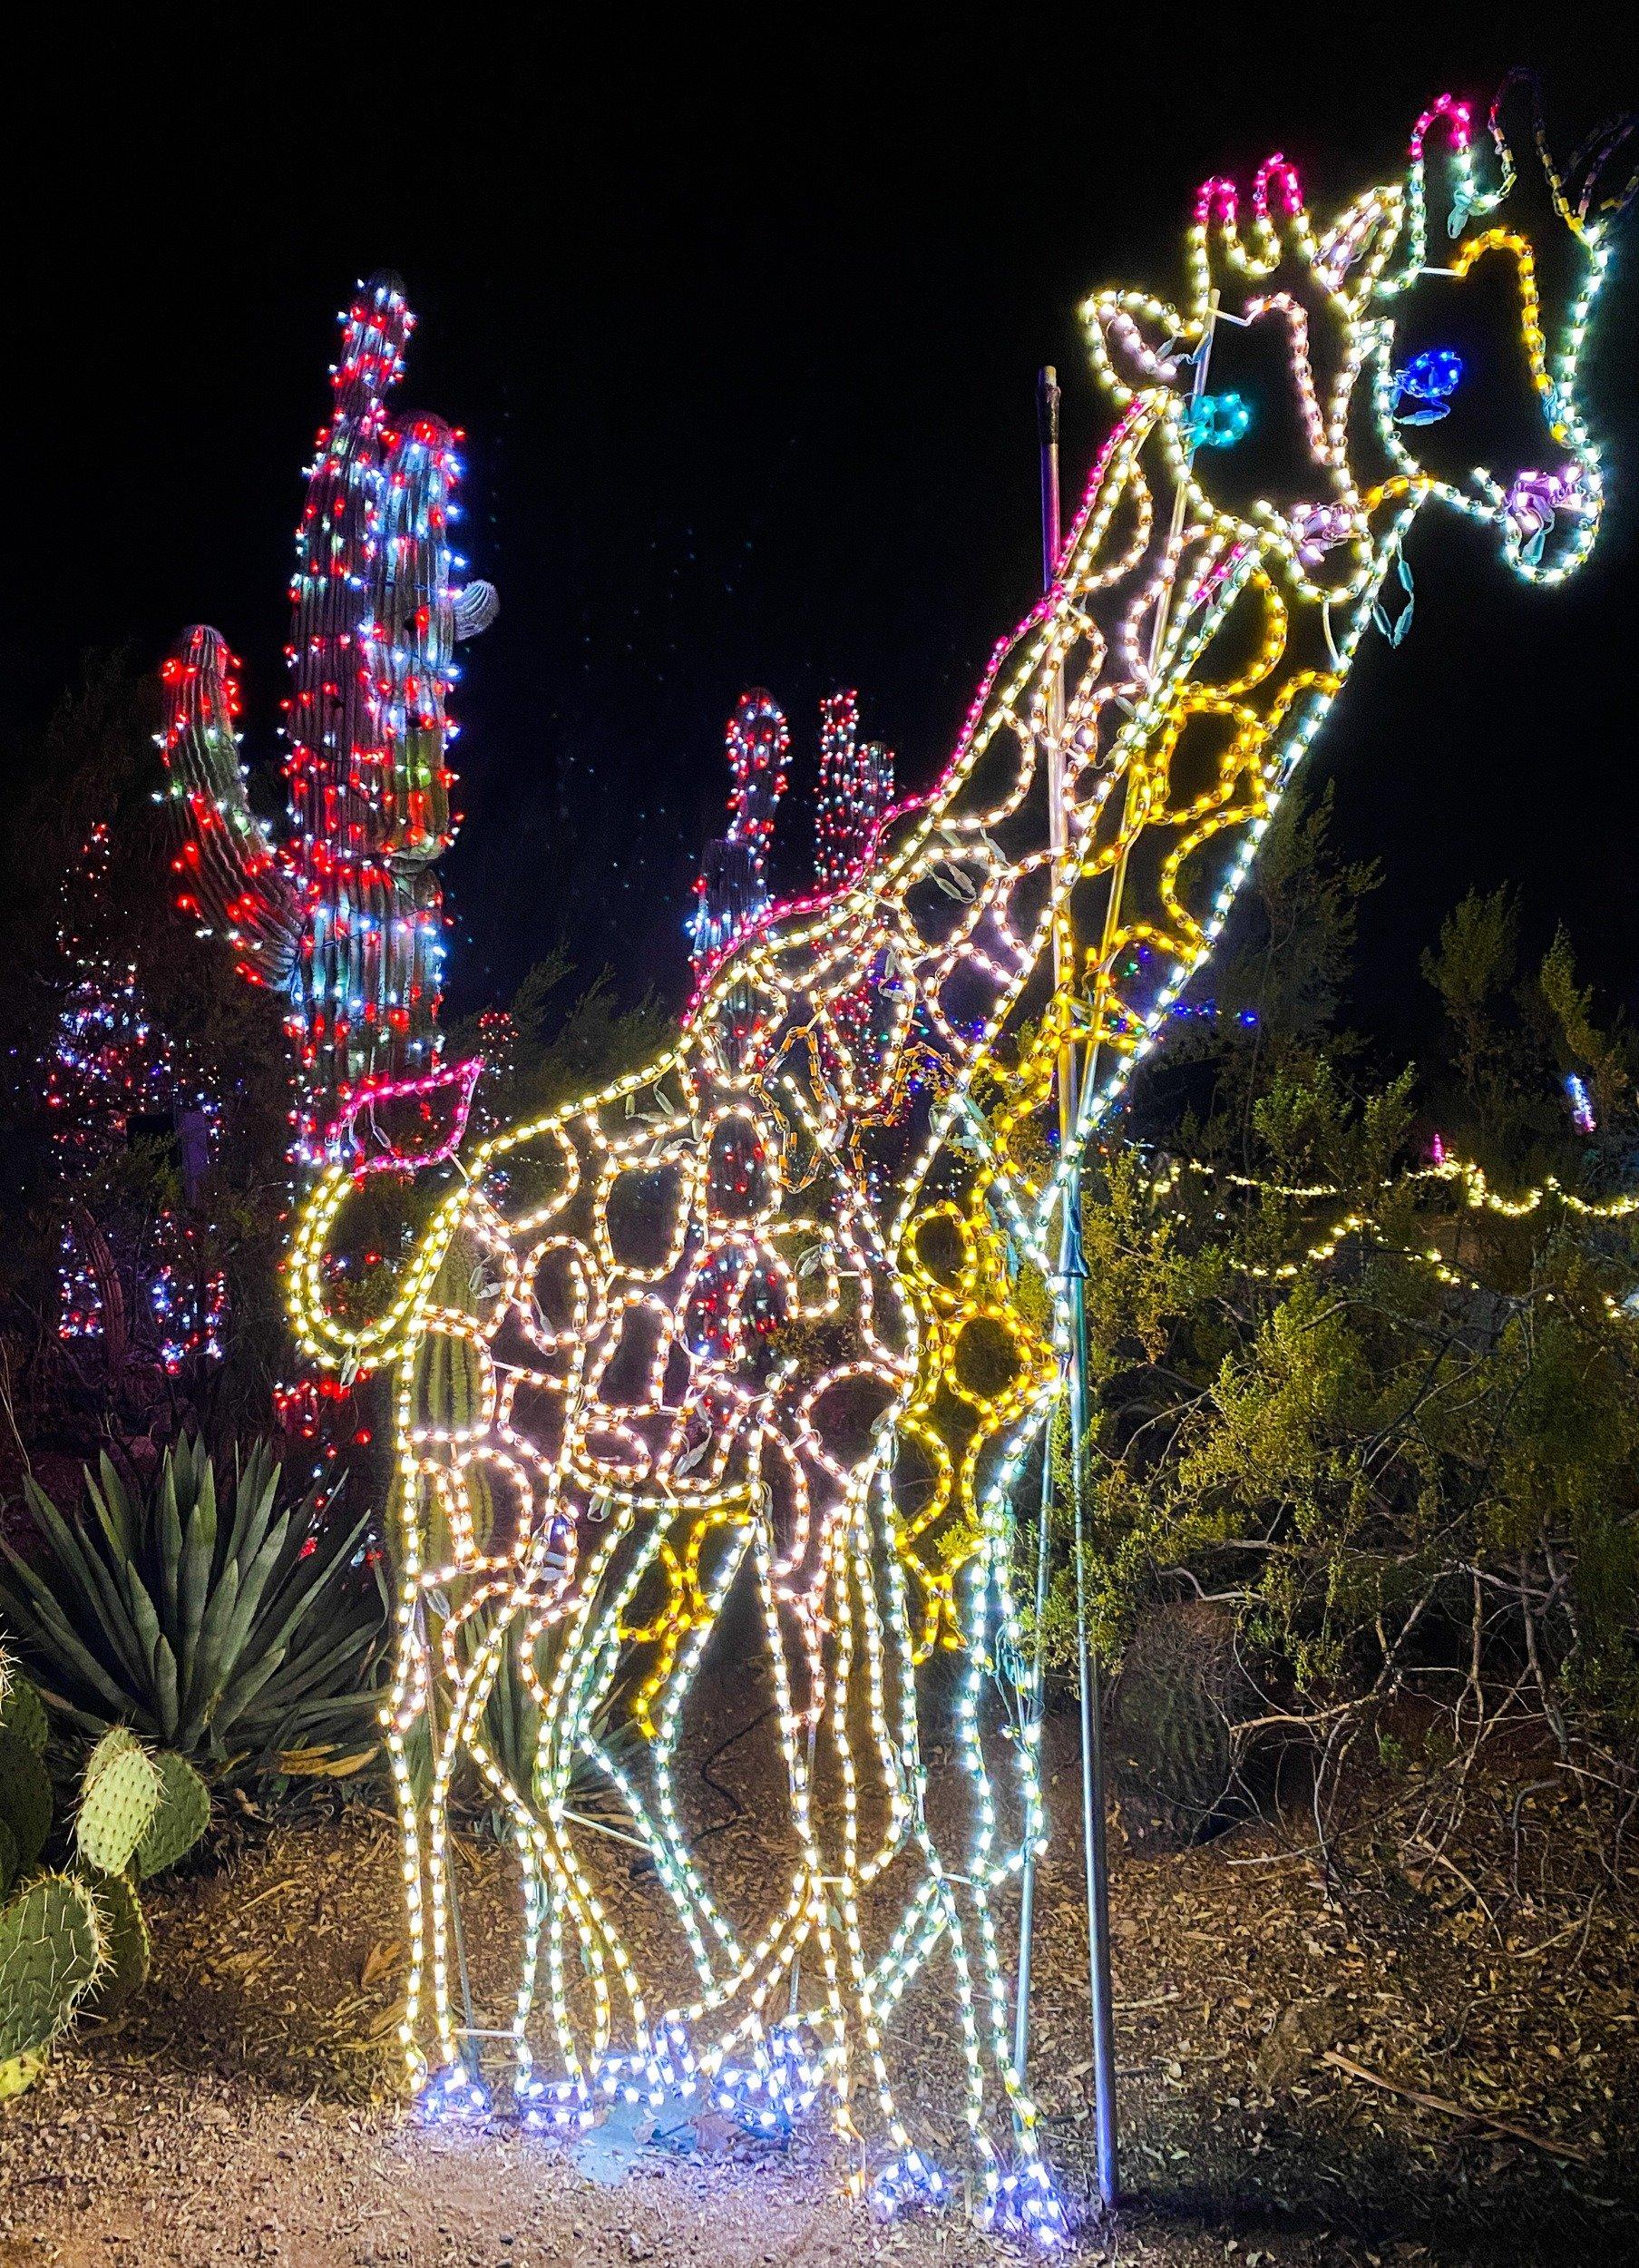 Glowing giraffes at the Phoenix Zoolights